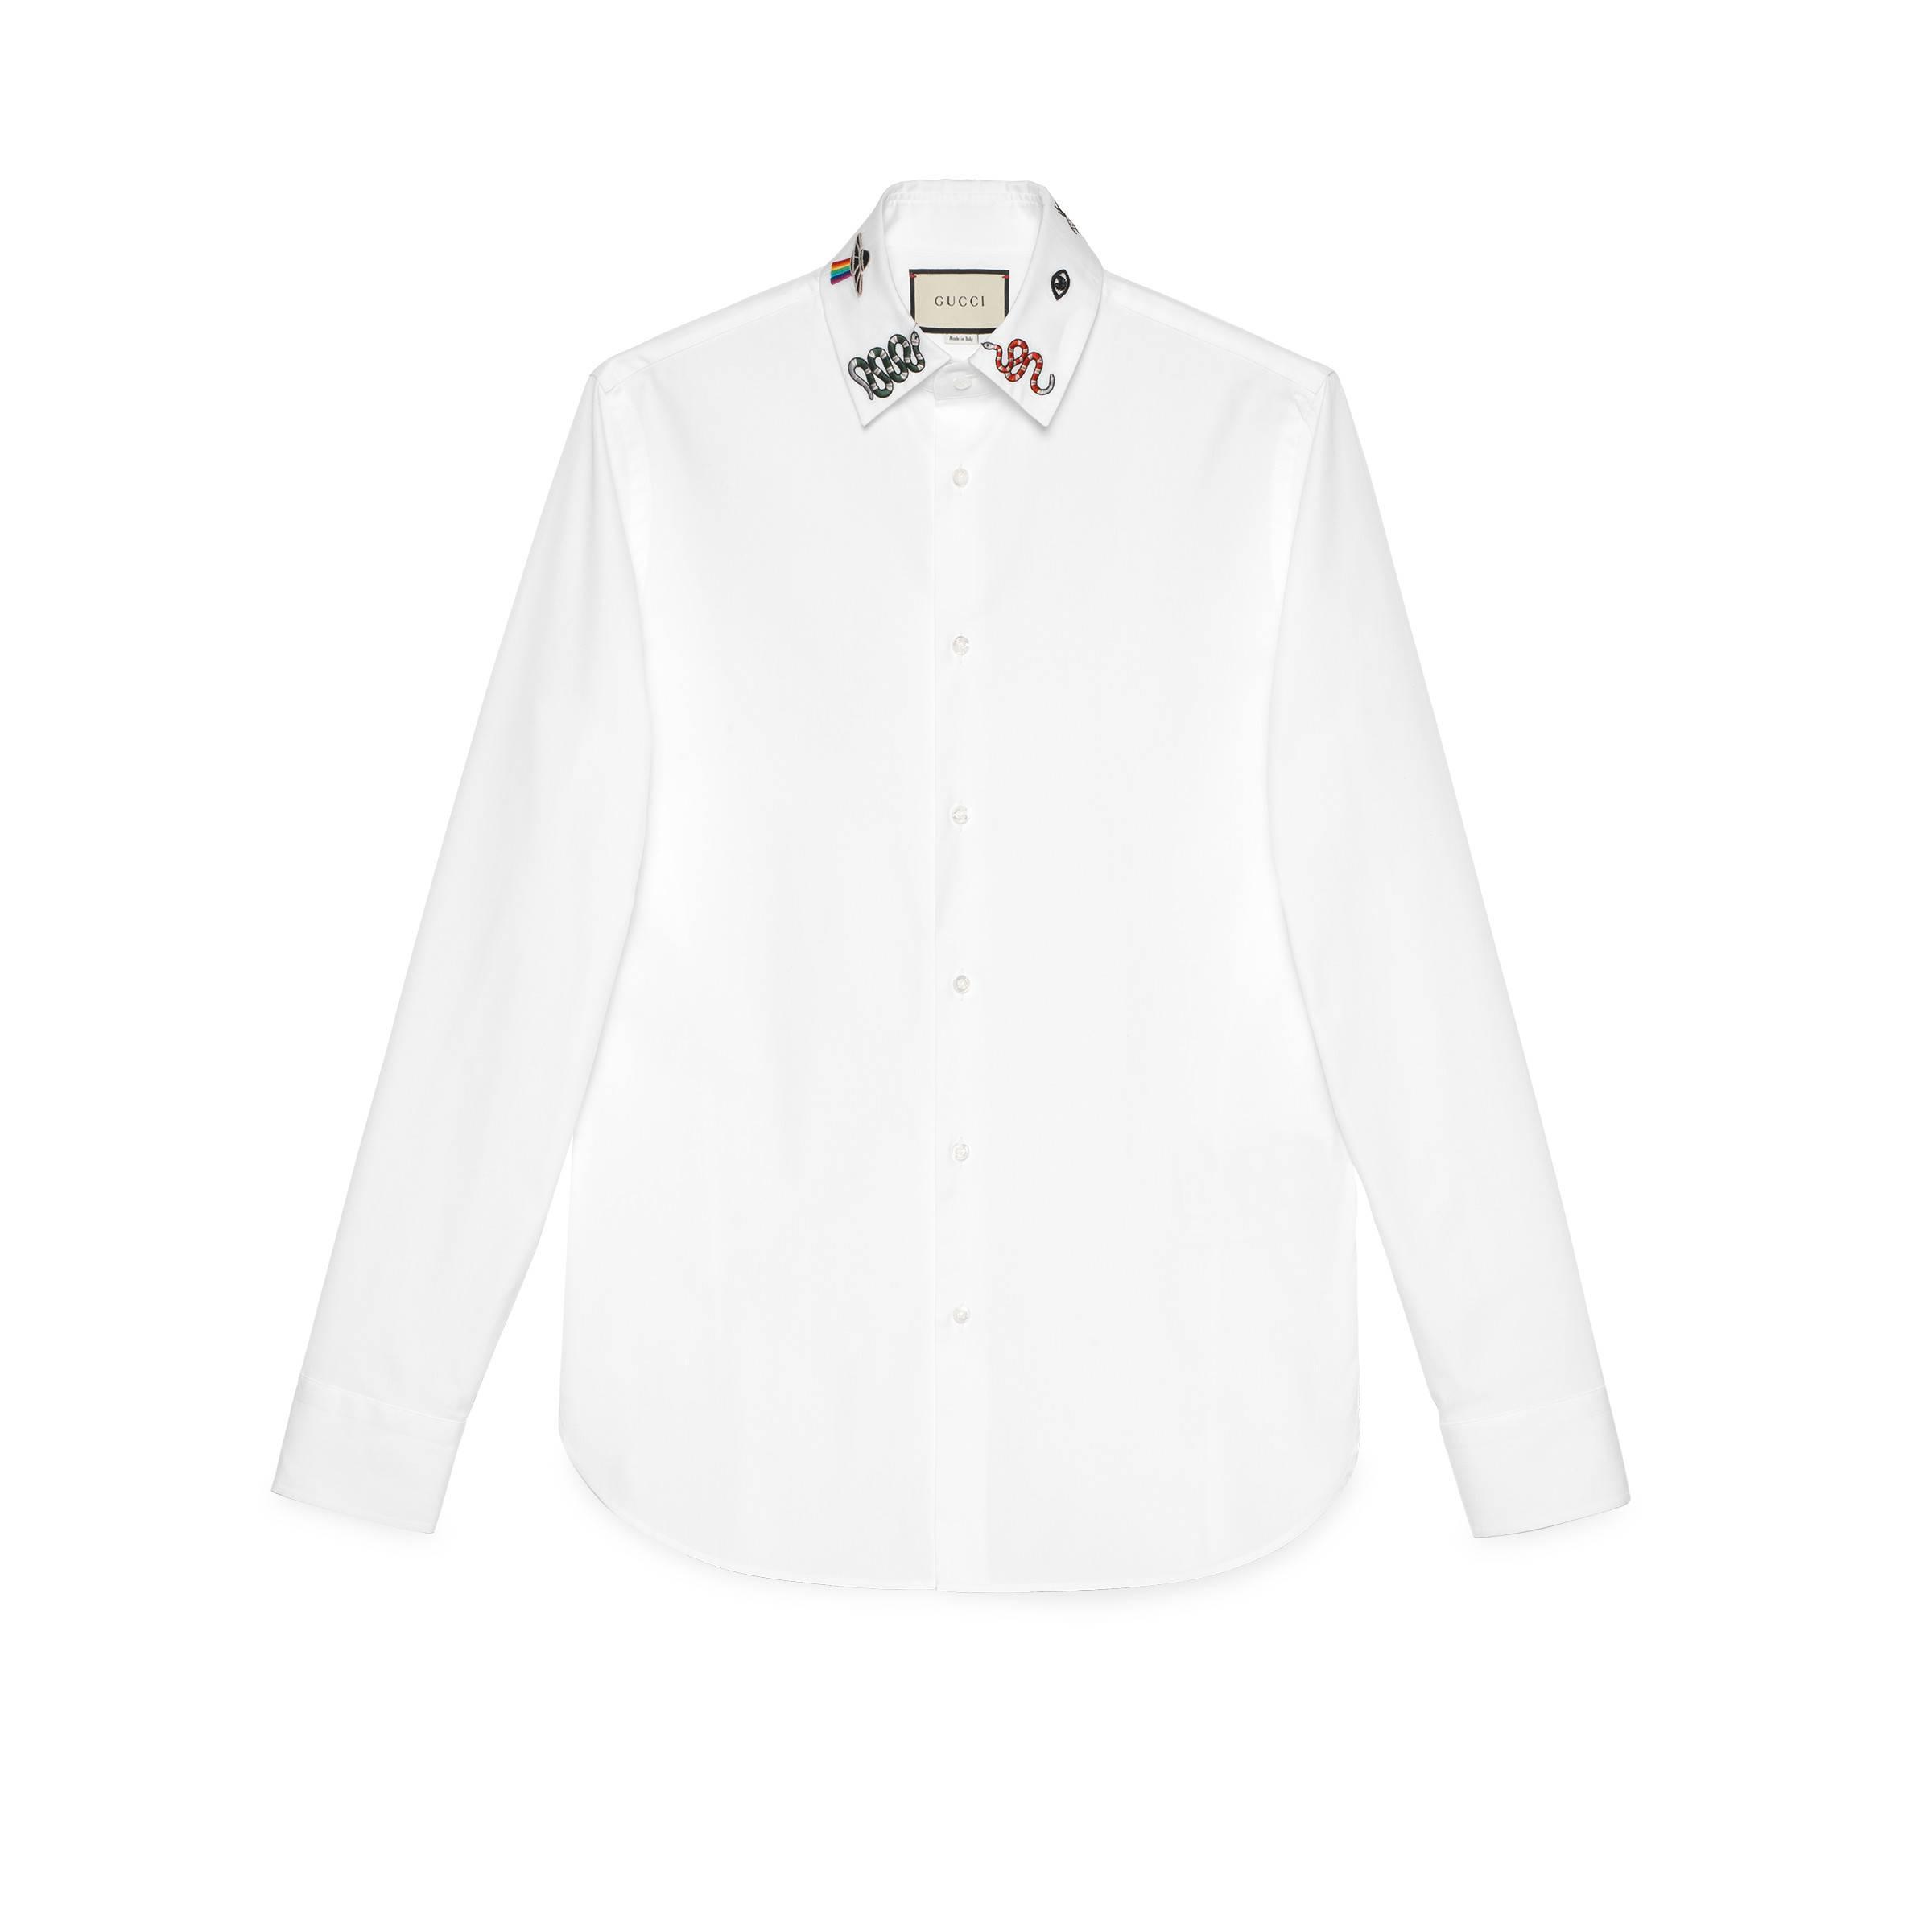 5c6c292d0a036 Gucci Hemd aus Baumwolle mit Symbolen in Weiß für Herren - Lyst